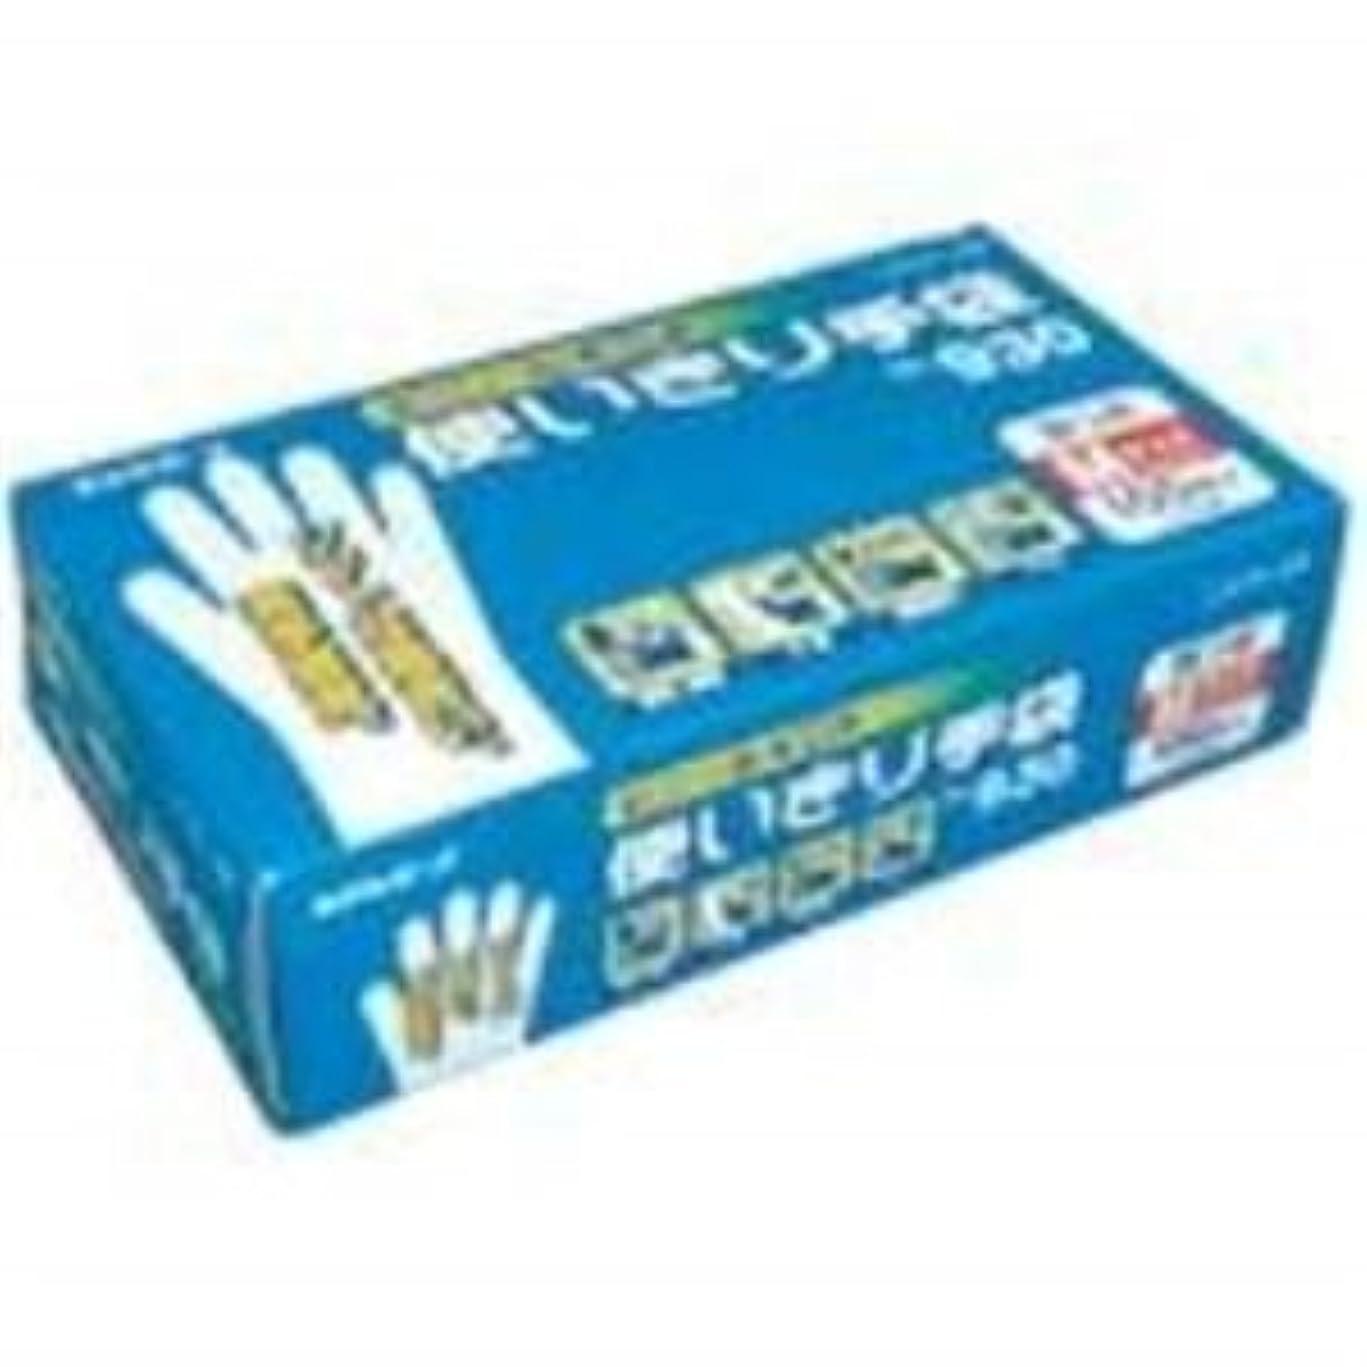 モーション害流用するエステー ビニール使い捨て手袋/作業用手袋 [No.930/M 12箱]